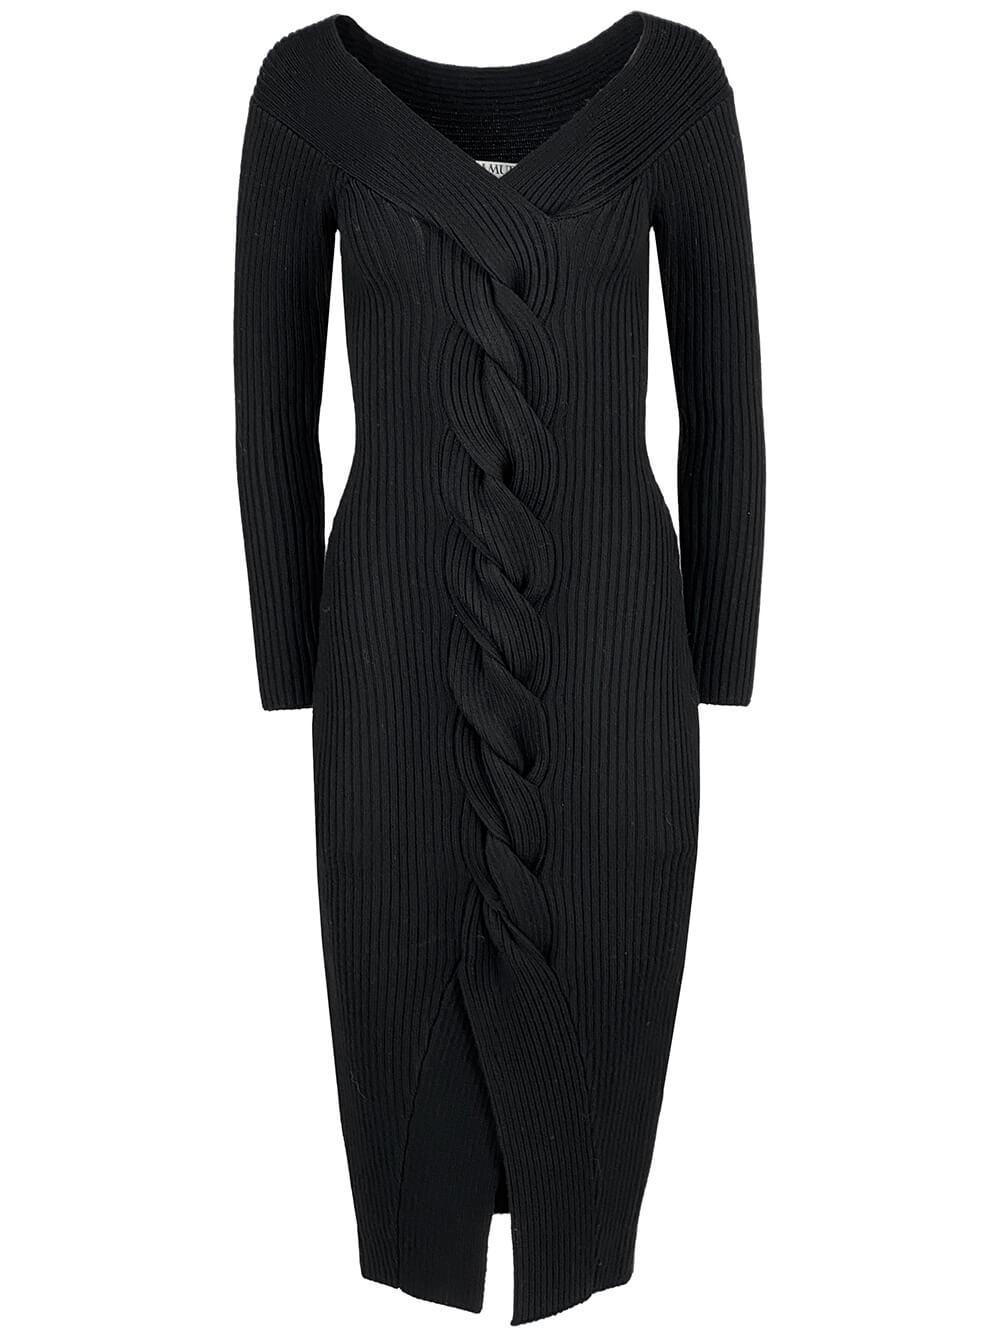 Trianna Off The Shoulder Rib Knit Dress Item # 5815528